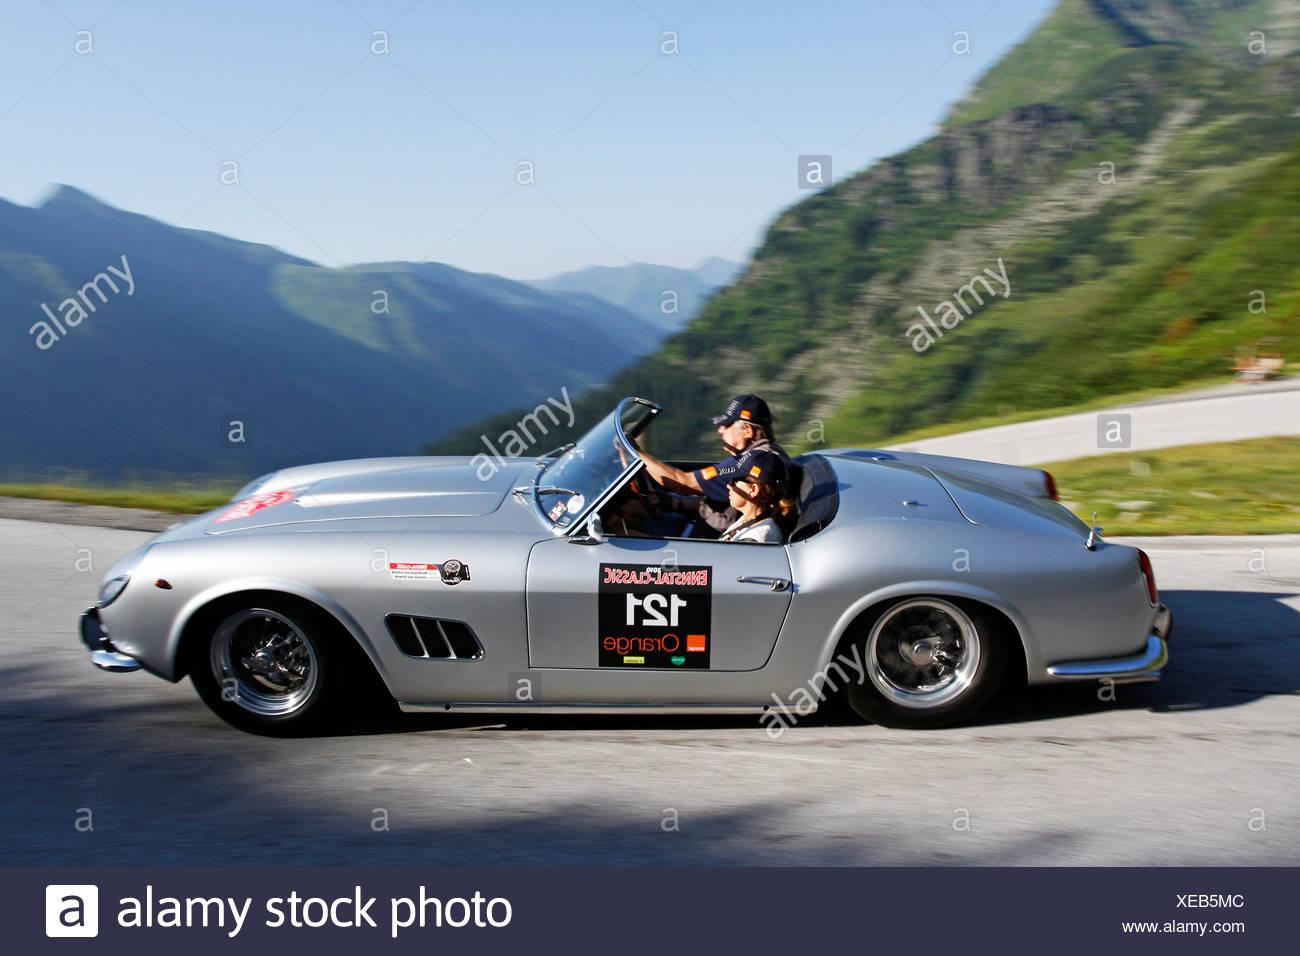 Ferrari 250 Gt Swb California Spyder Baujahr 1961 Eines Der Teuersten Ferrari Nur 51 Exemplare Soelkpass Gebaut Wurden Stockfotografie Alamy